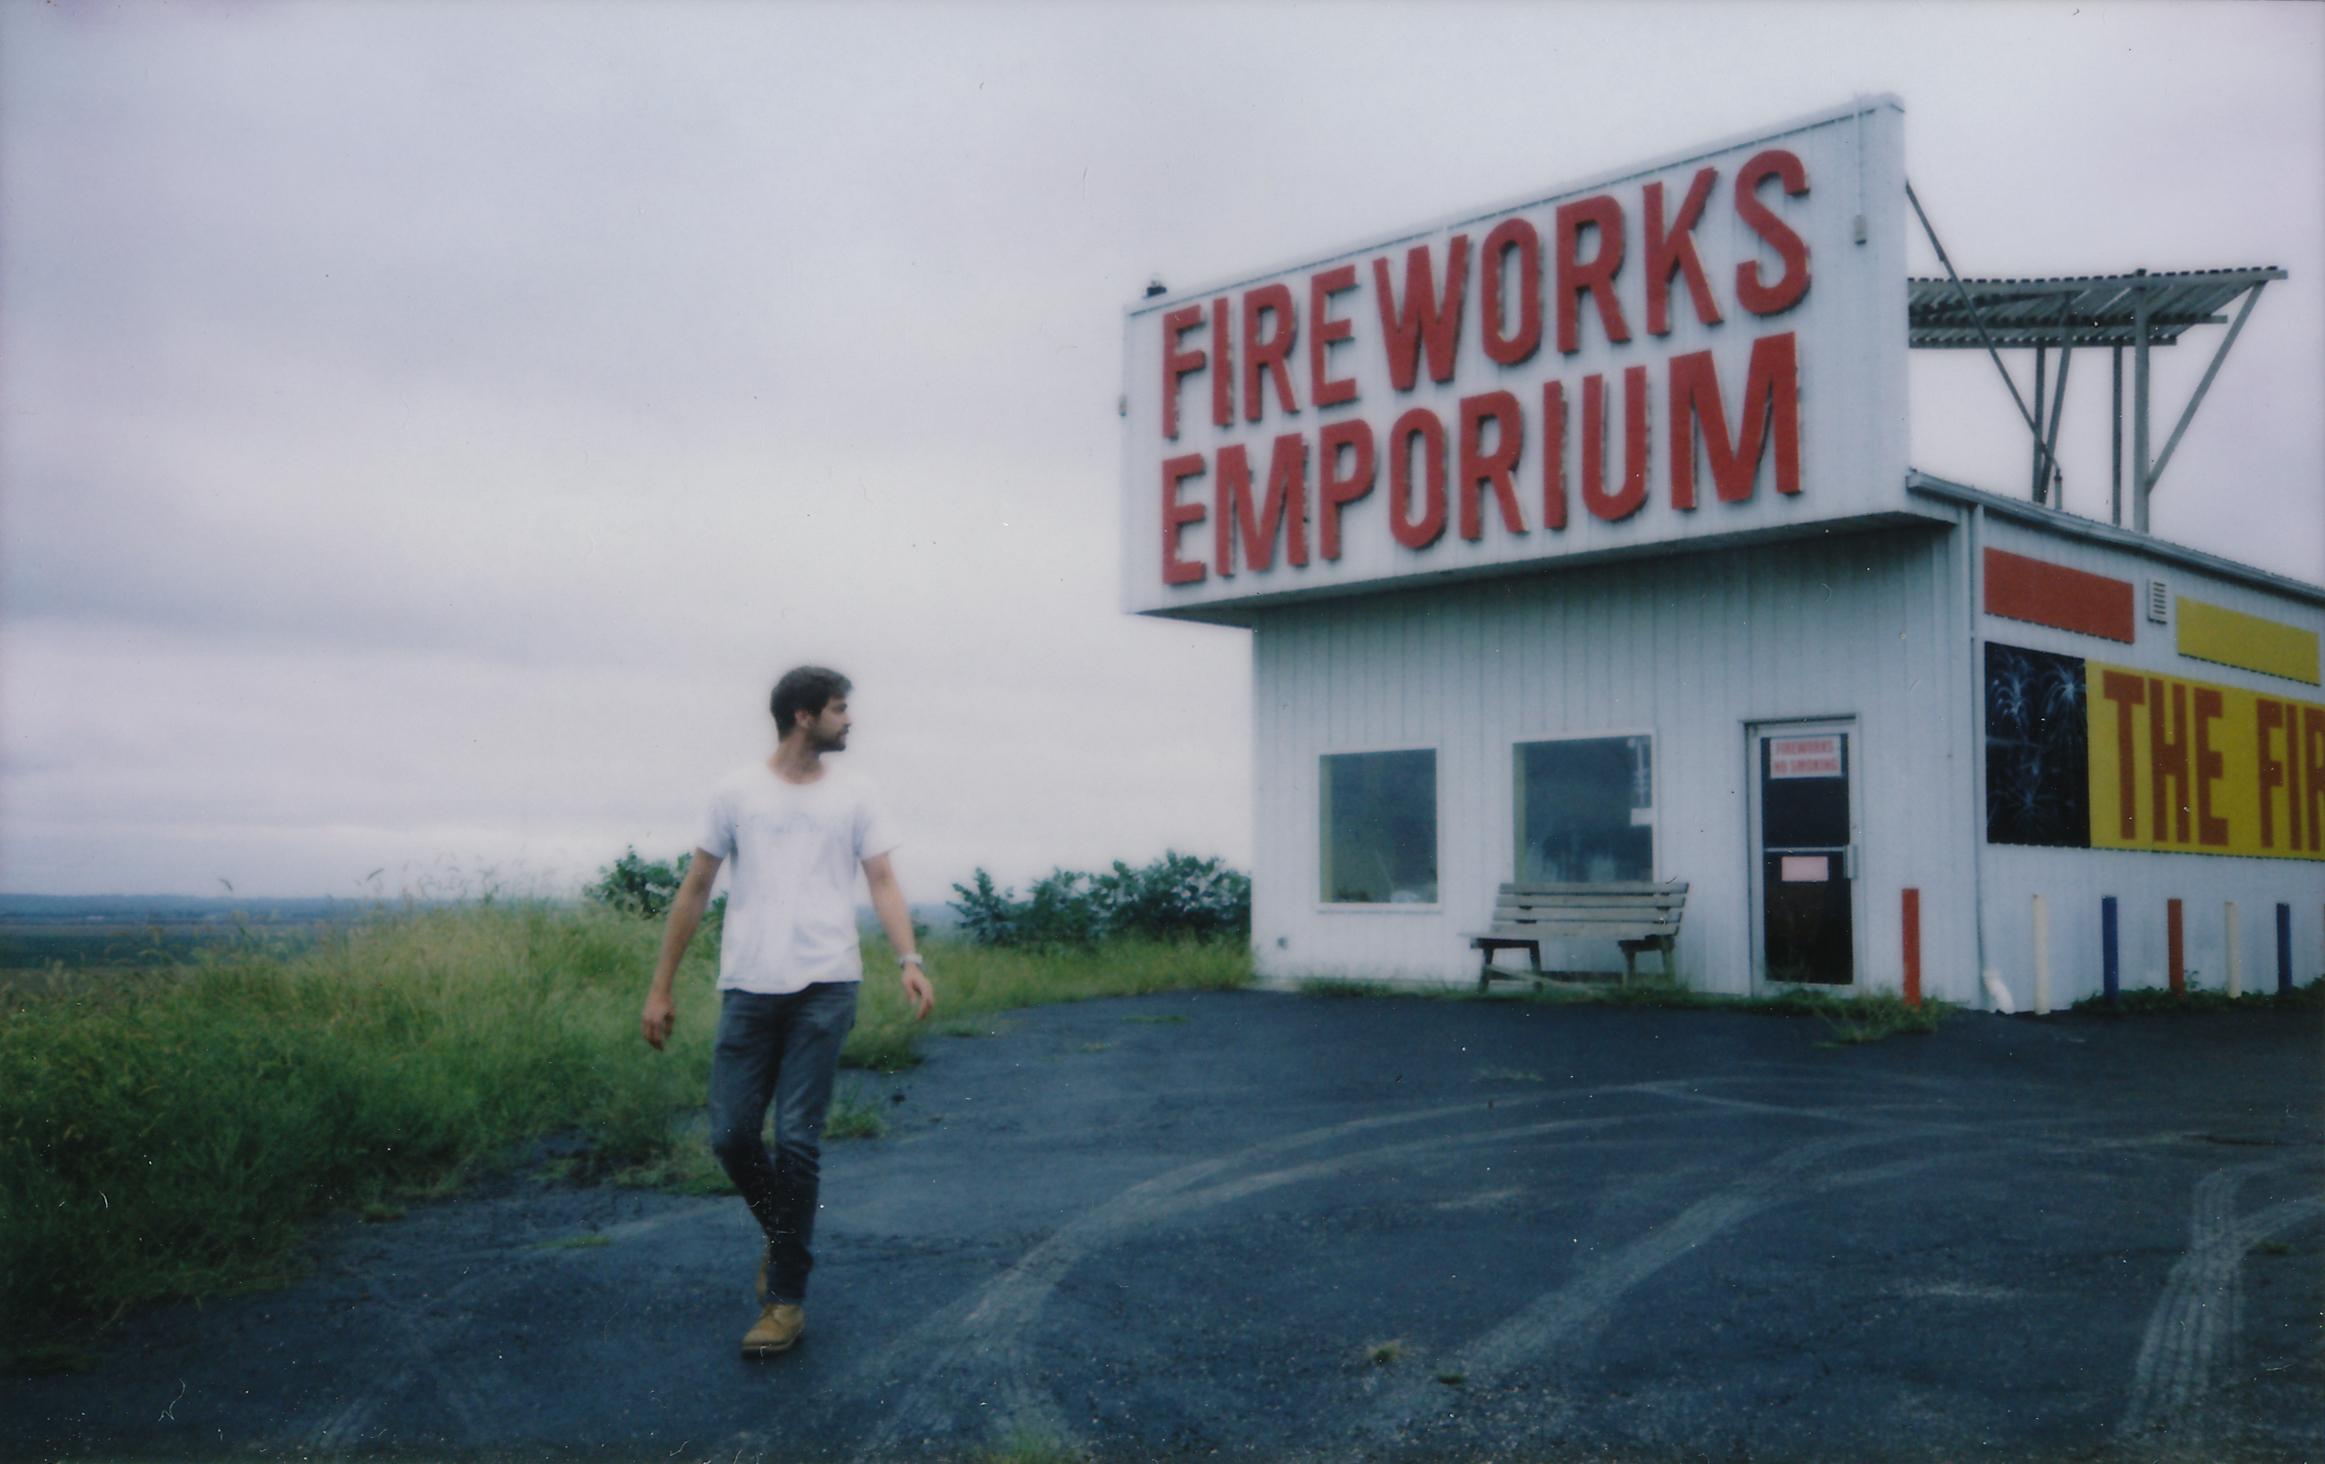 Fireworks Emporium.jpg